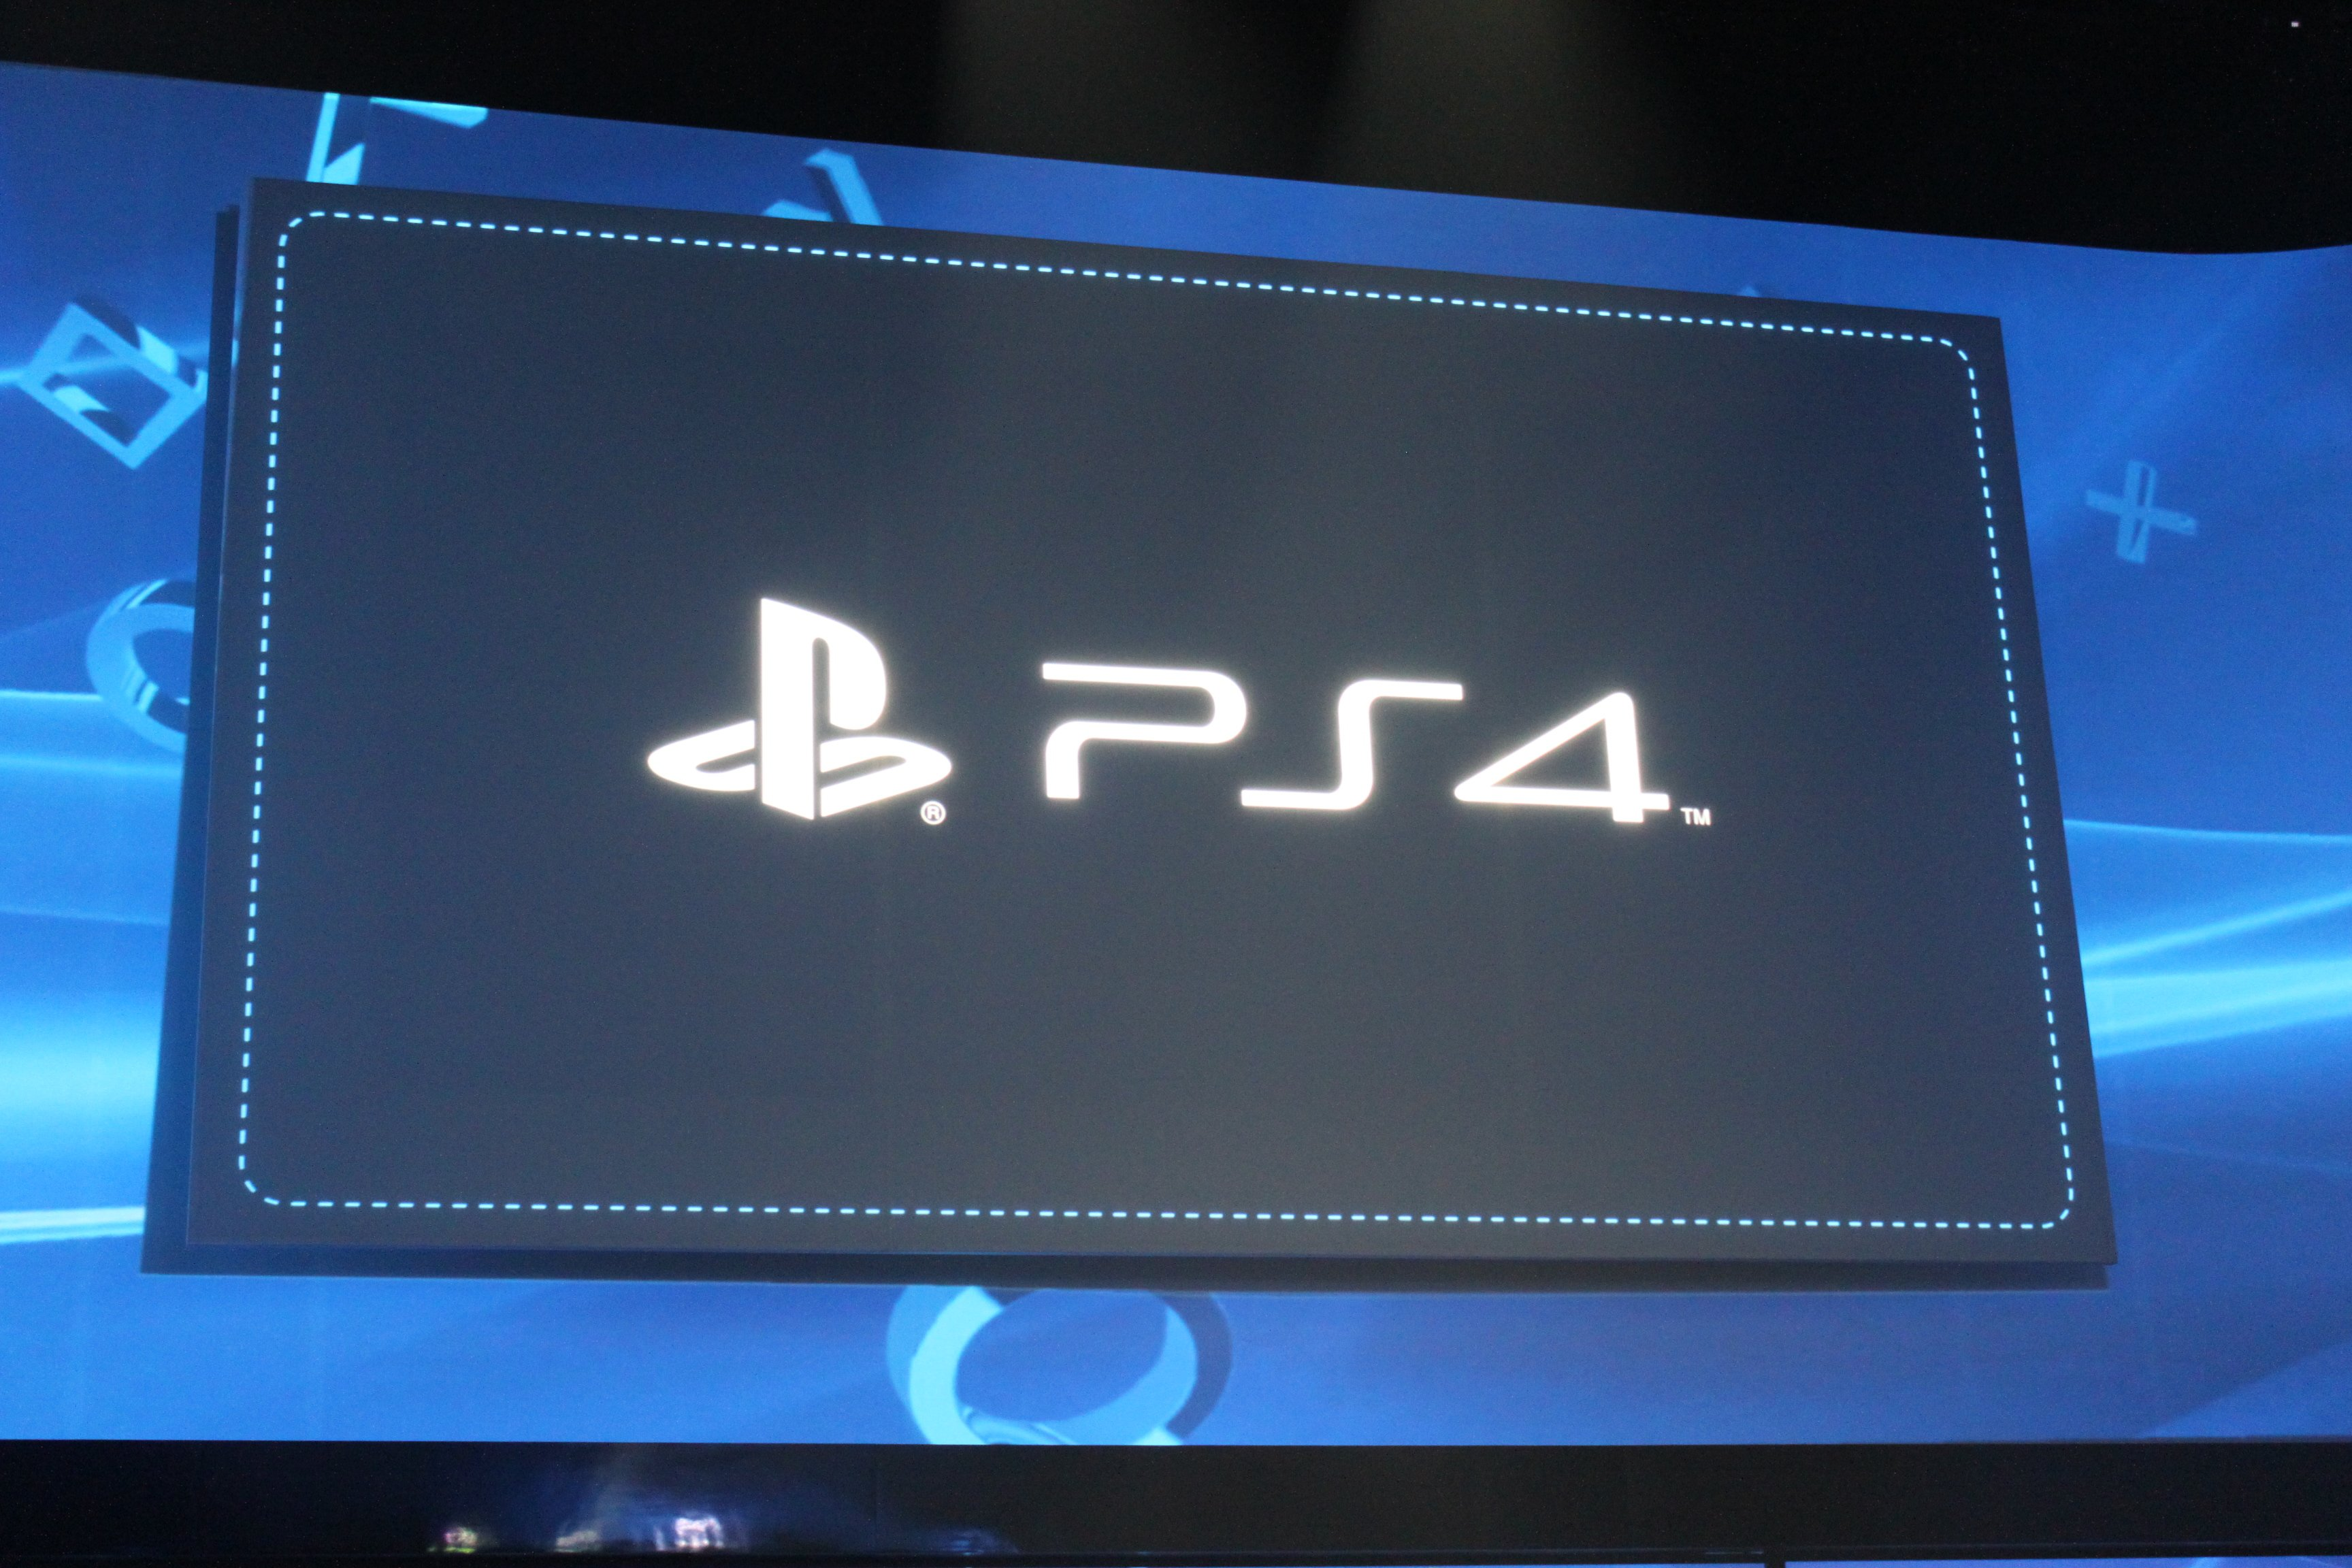 Estos son los detalles de la Playstation 4 recién revelados! [Especificaciones y Novedades]